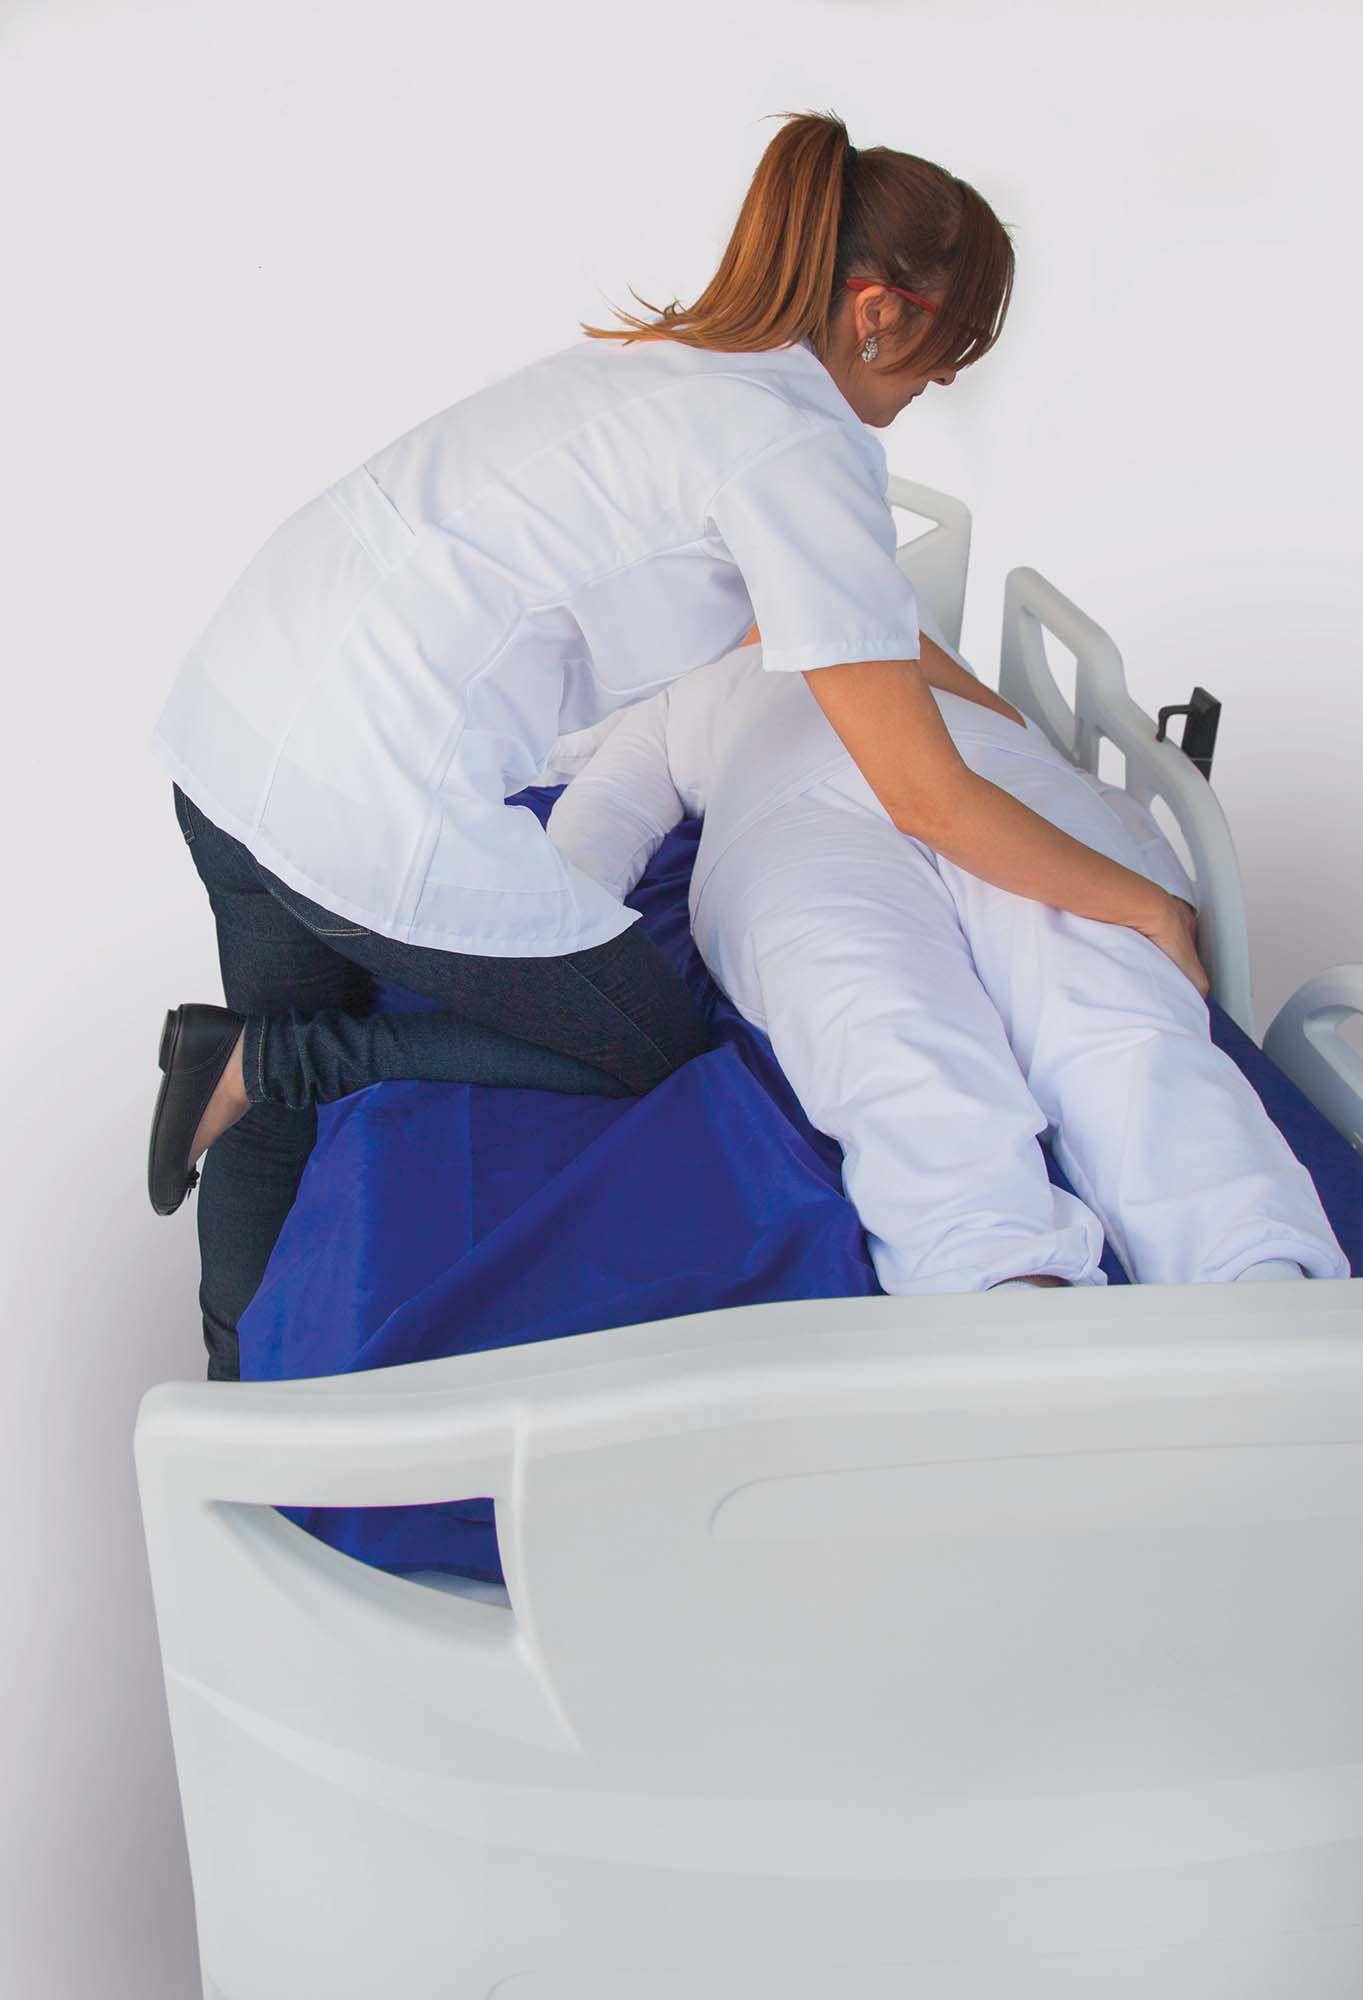 Lençol de manobra para auxiliar a transferência,manobra e reposicionamento de pessoas acamandas - tamanho grande